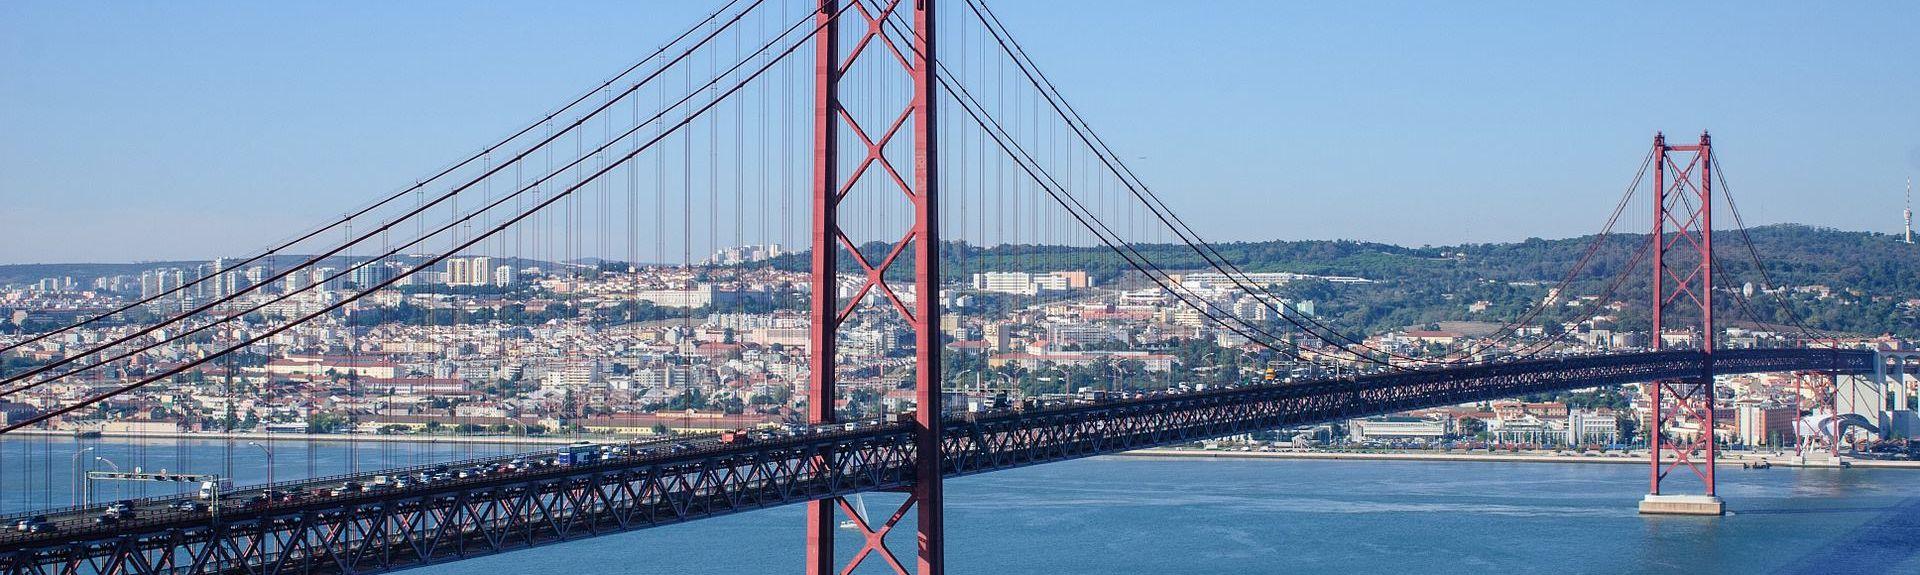 Feij贸, District de Setúbal, Portugal